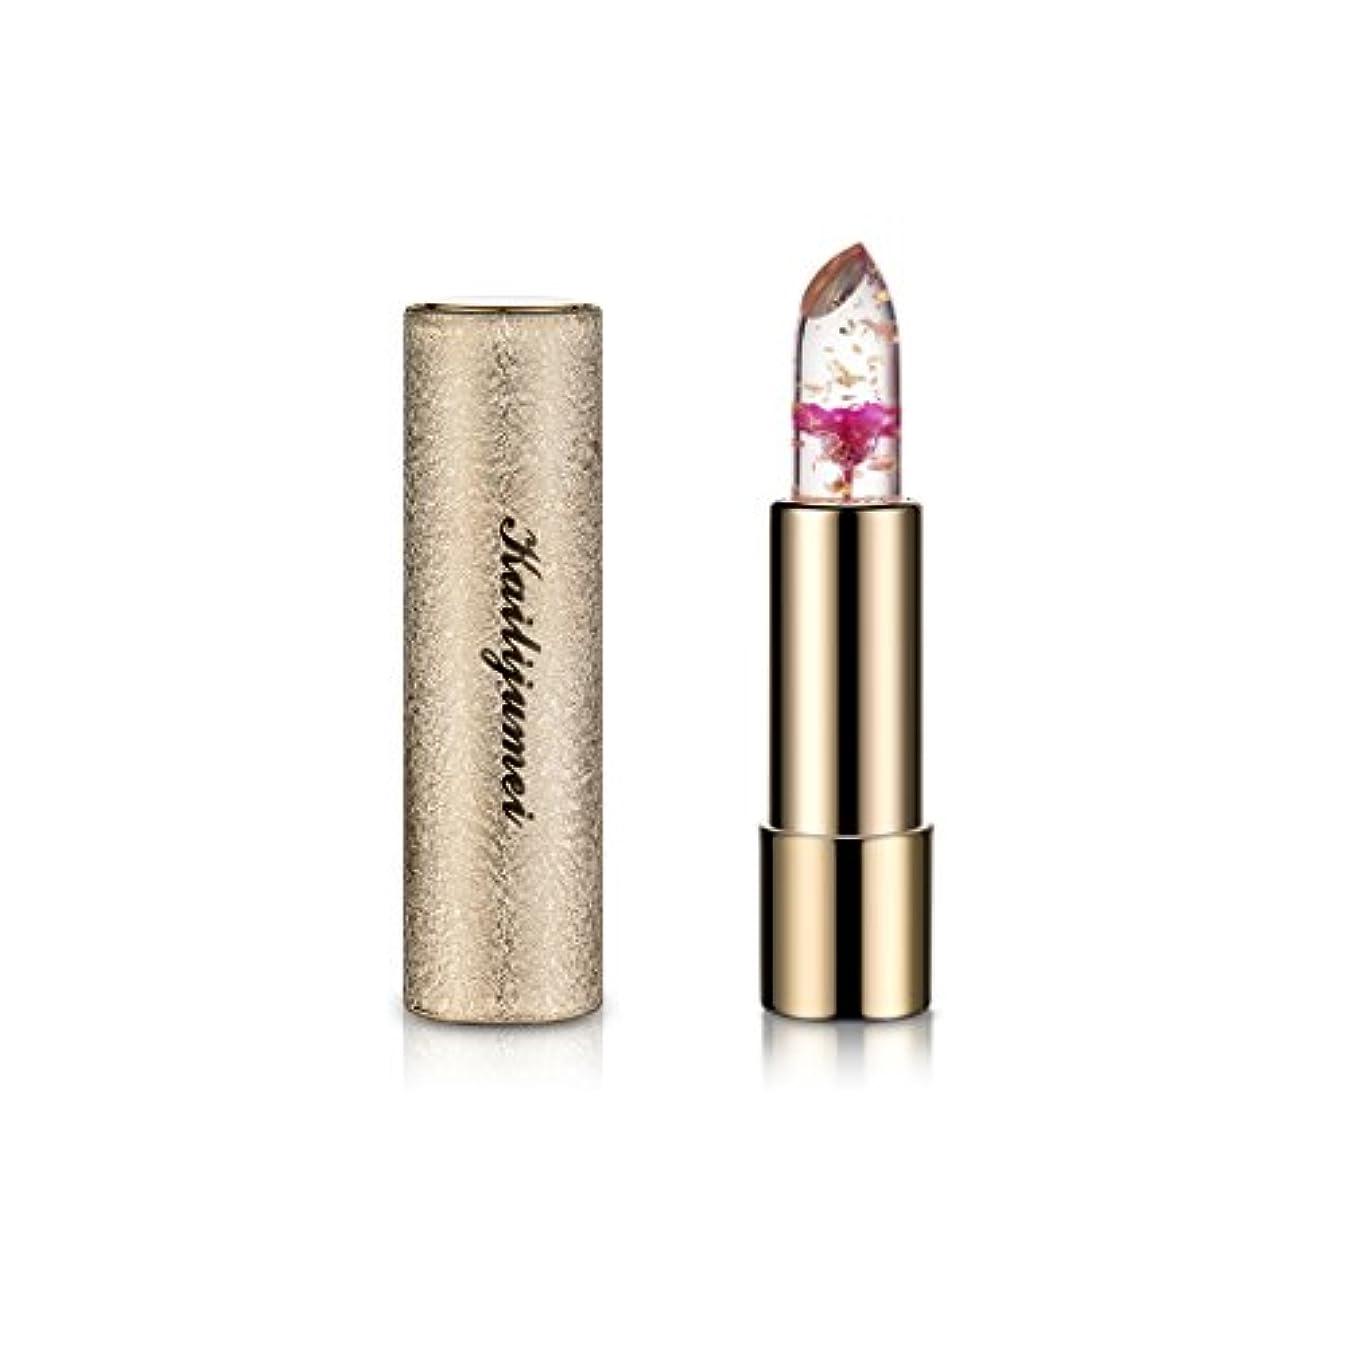 軽量機動主観的日本限定モデル 新作 kailijumei magic color lip 日本正規品 マジックカラー 唇の温度で色が変化するリップ 口紅 リップバーム カイリジュメイ ドライフラワー お花 (FLAME RED(レッド))